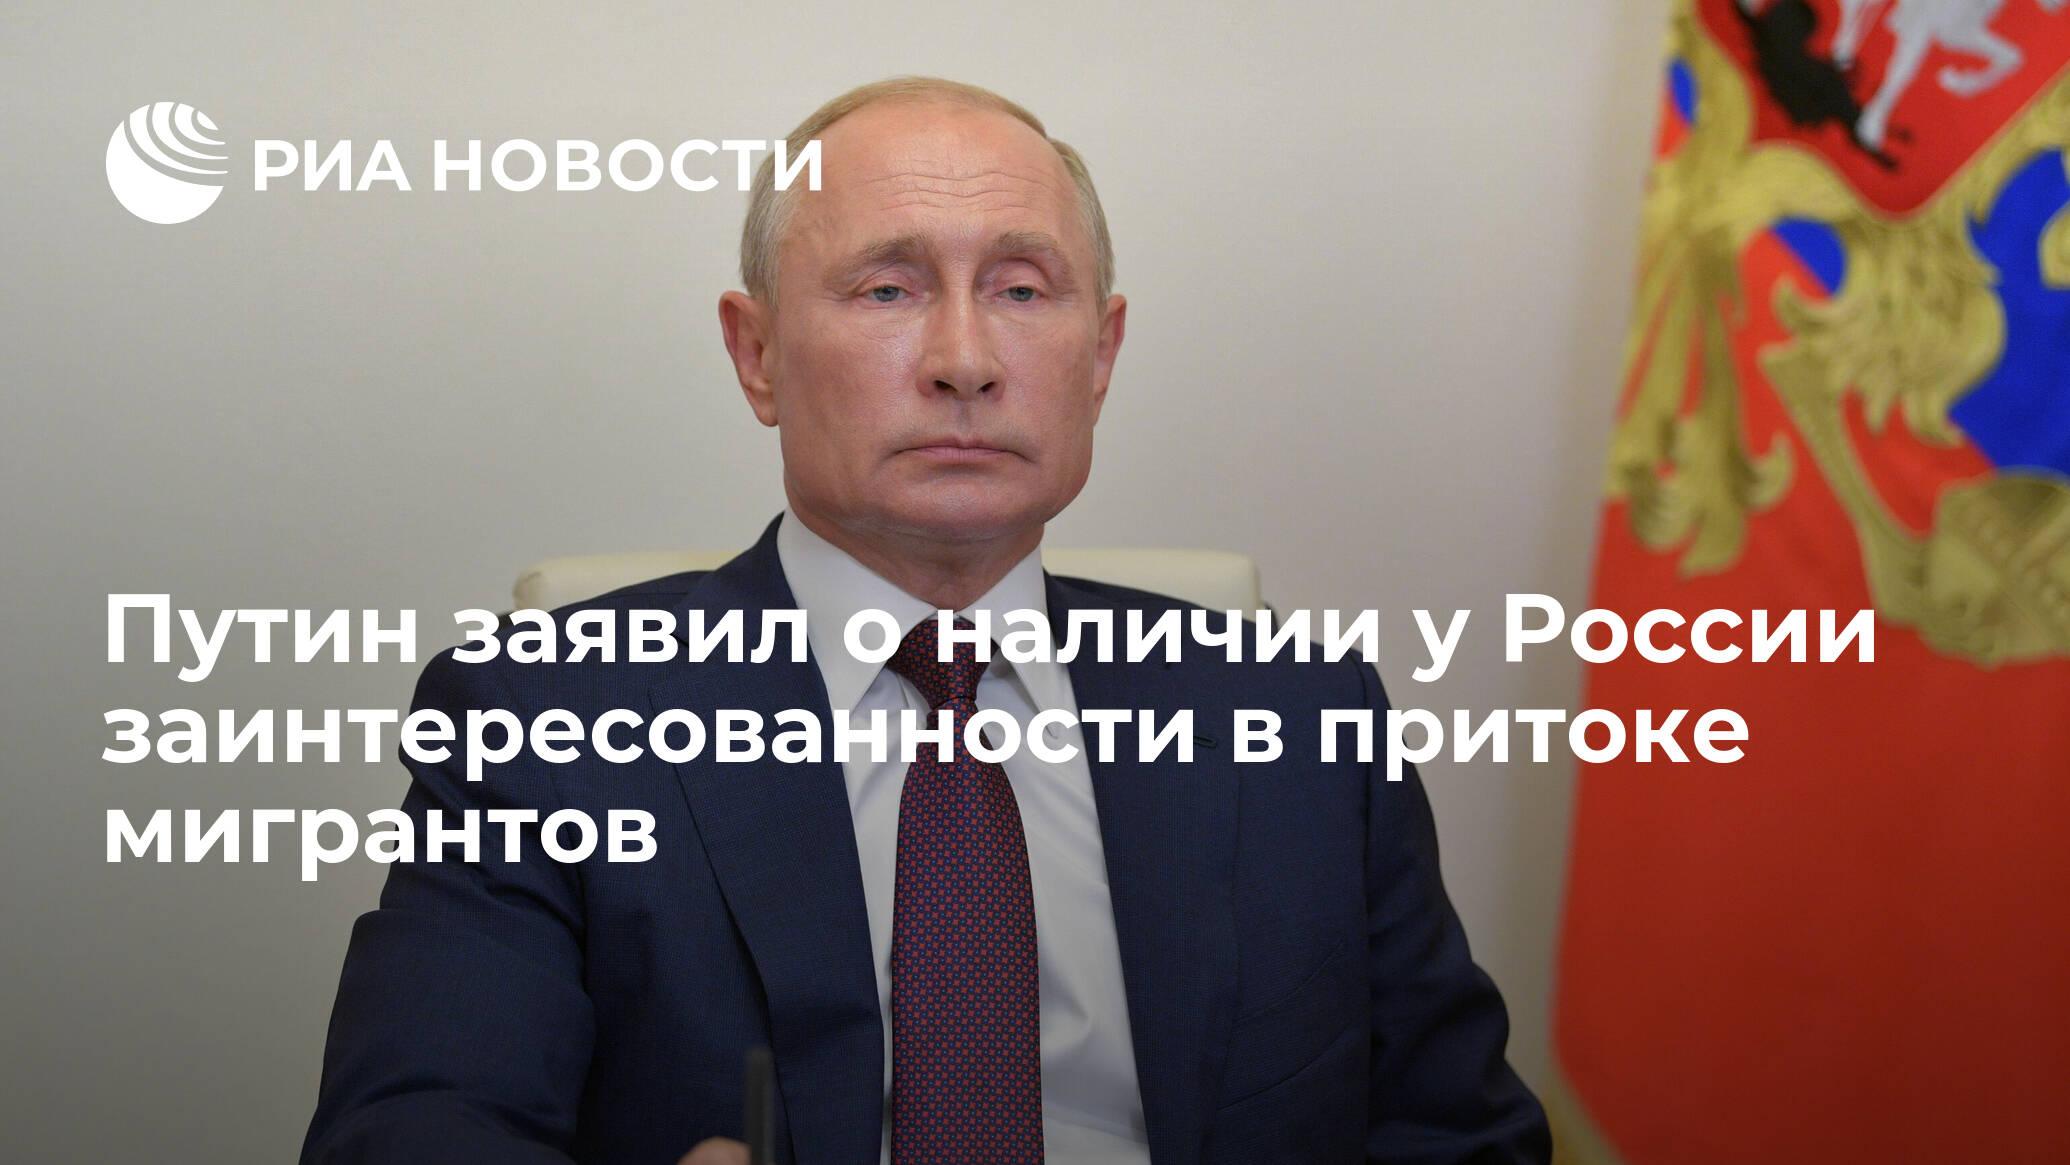 Путин заявил о наличии у России  заинтересованности в притоке мигрантов